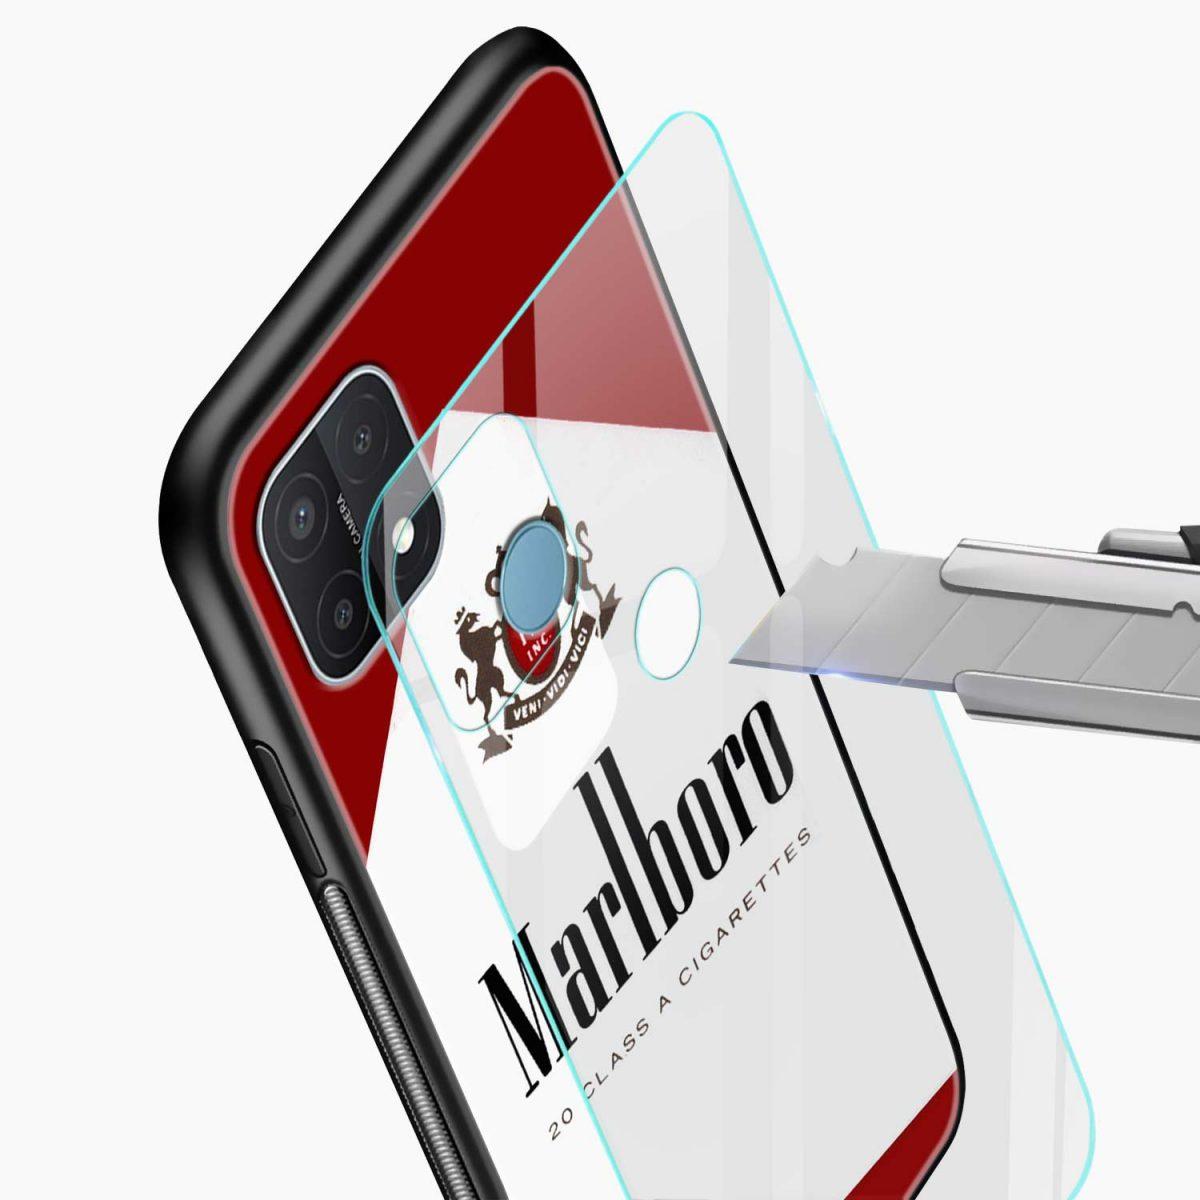 marlboro cigarette box glass view oppo a15 back cover